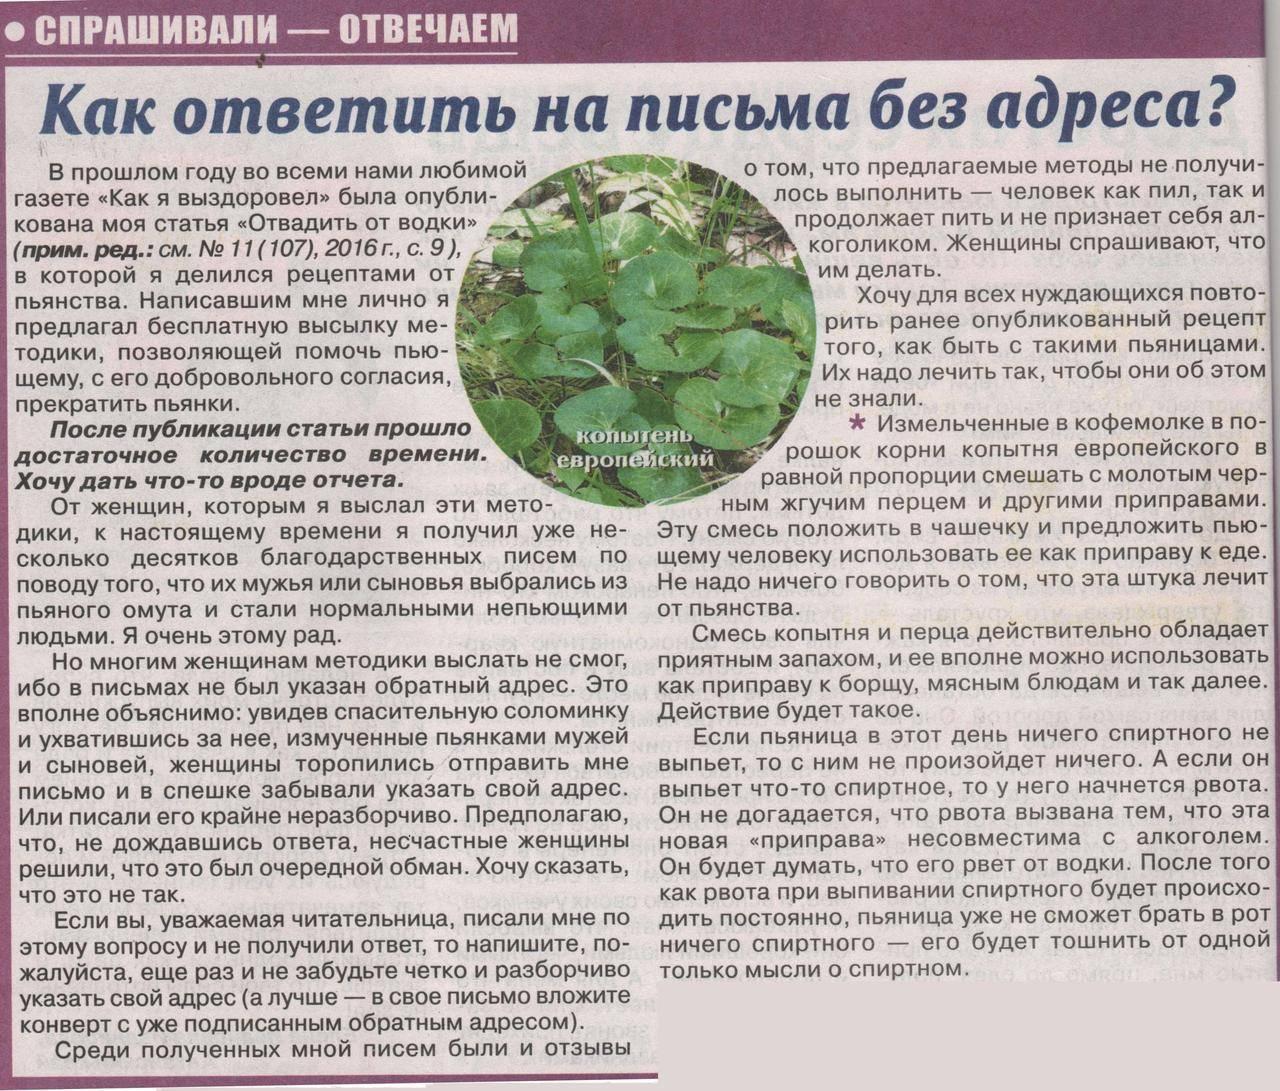 Копытень европейский: фото растения, применение от алкоголизма, отзывы, противопоказания